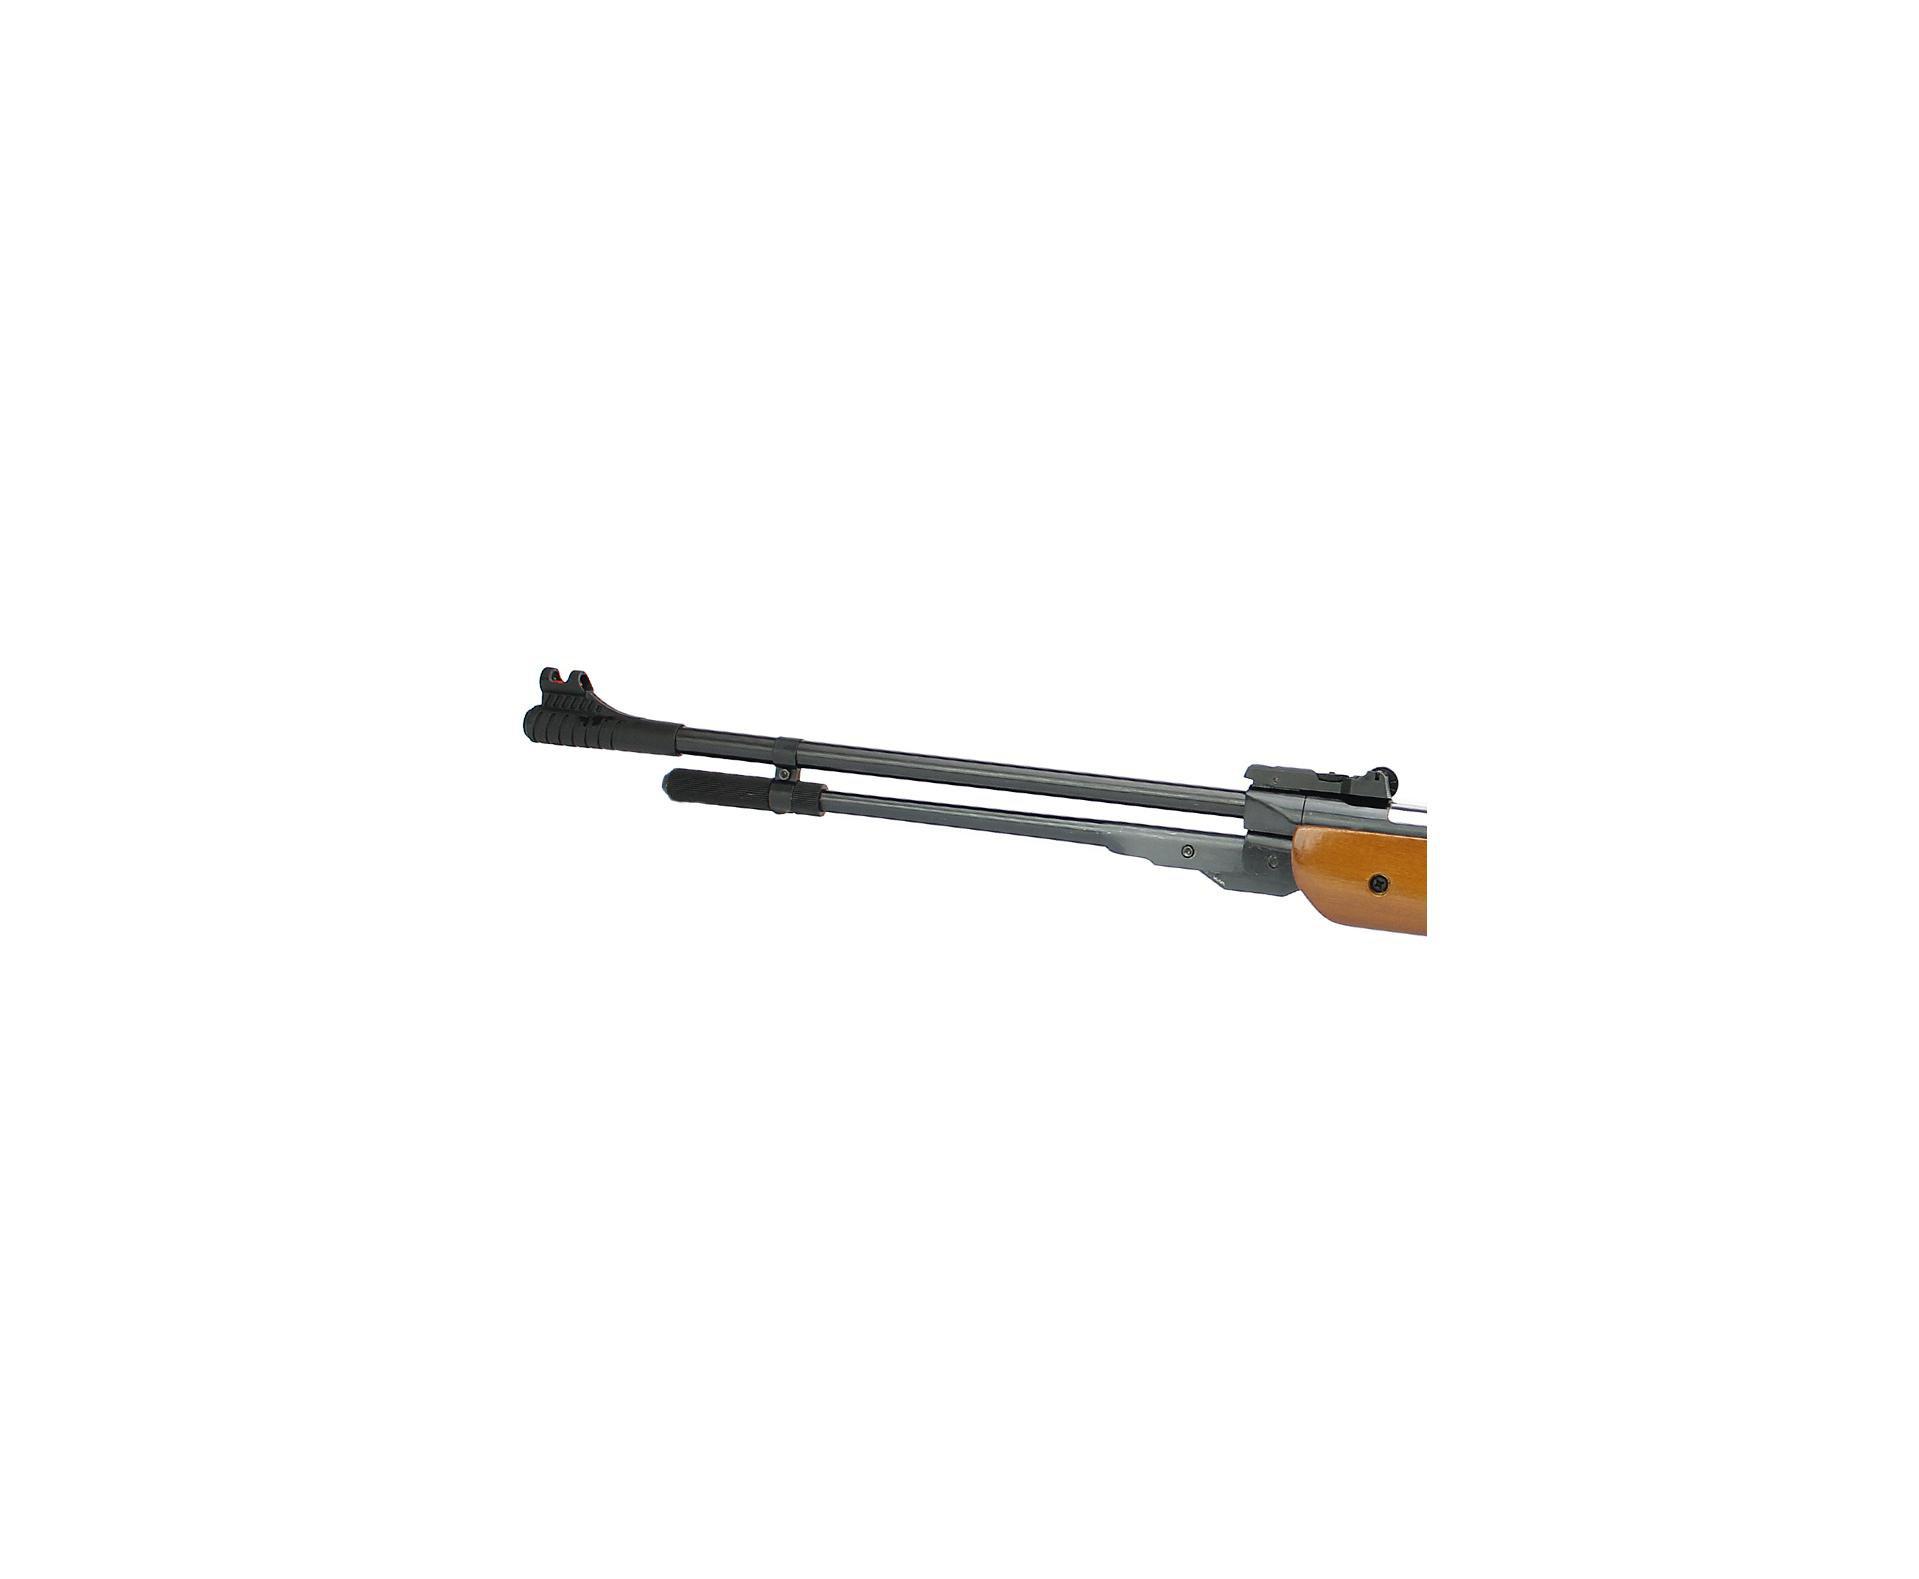 Carabina De Pressão West Nitro Power Cal 5,5 Gas Ram 50kg Spa Instalado Fxr Fixxar